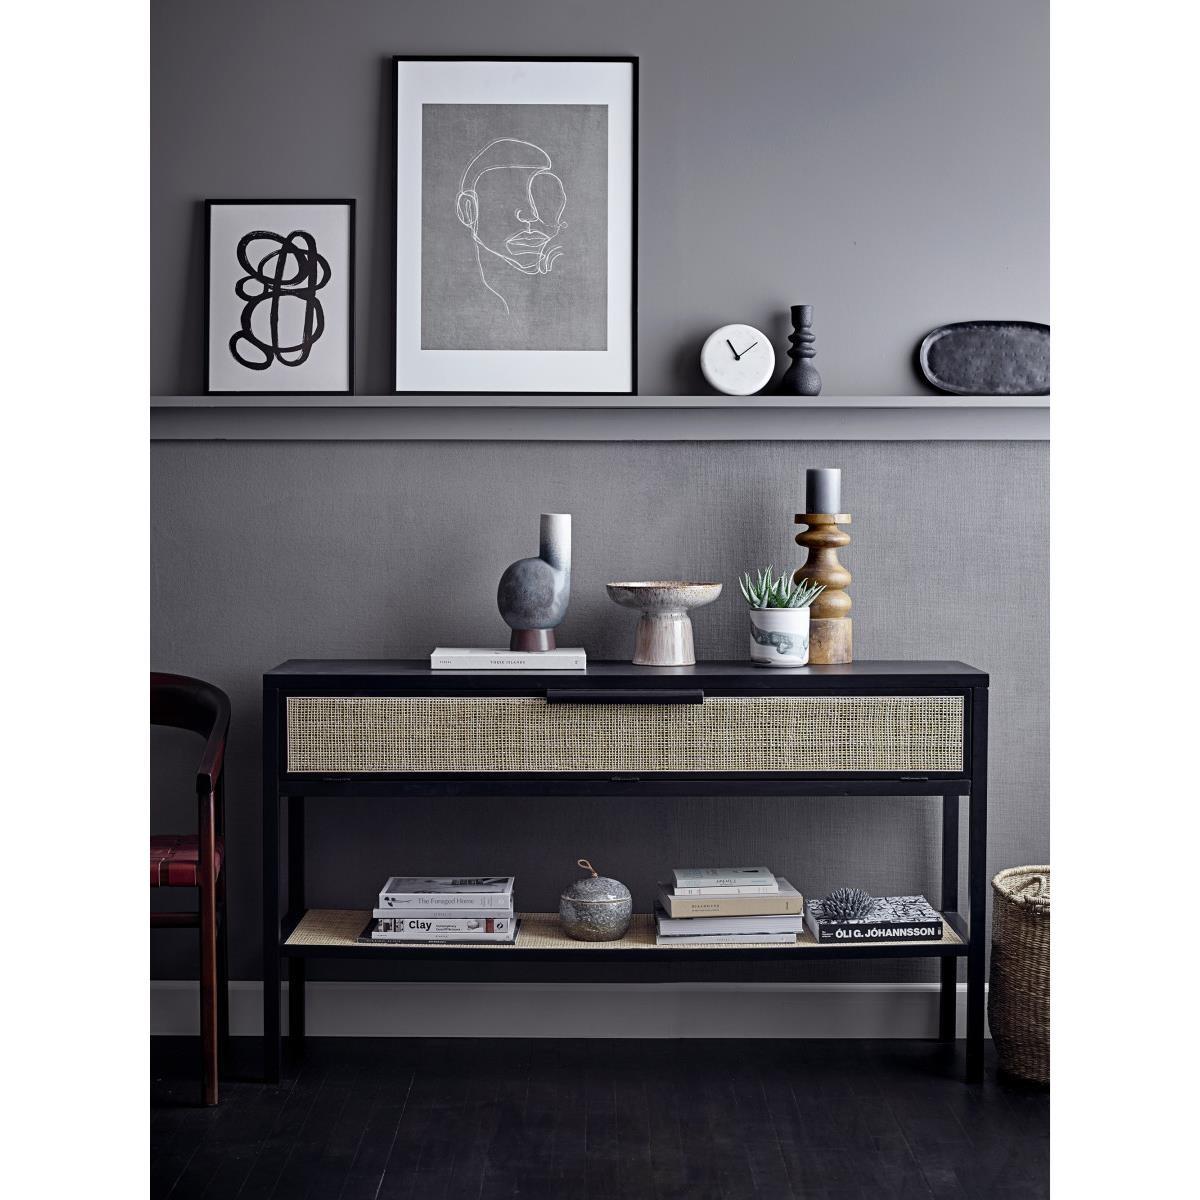 Obraz v černém dřevěném rámu Hake 52x72 cm_3